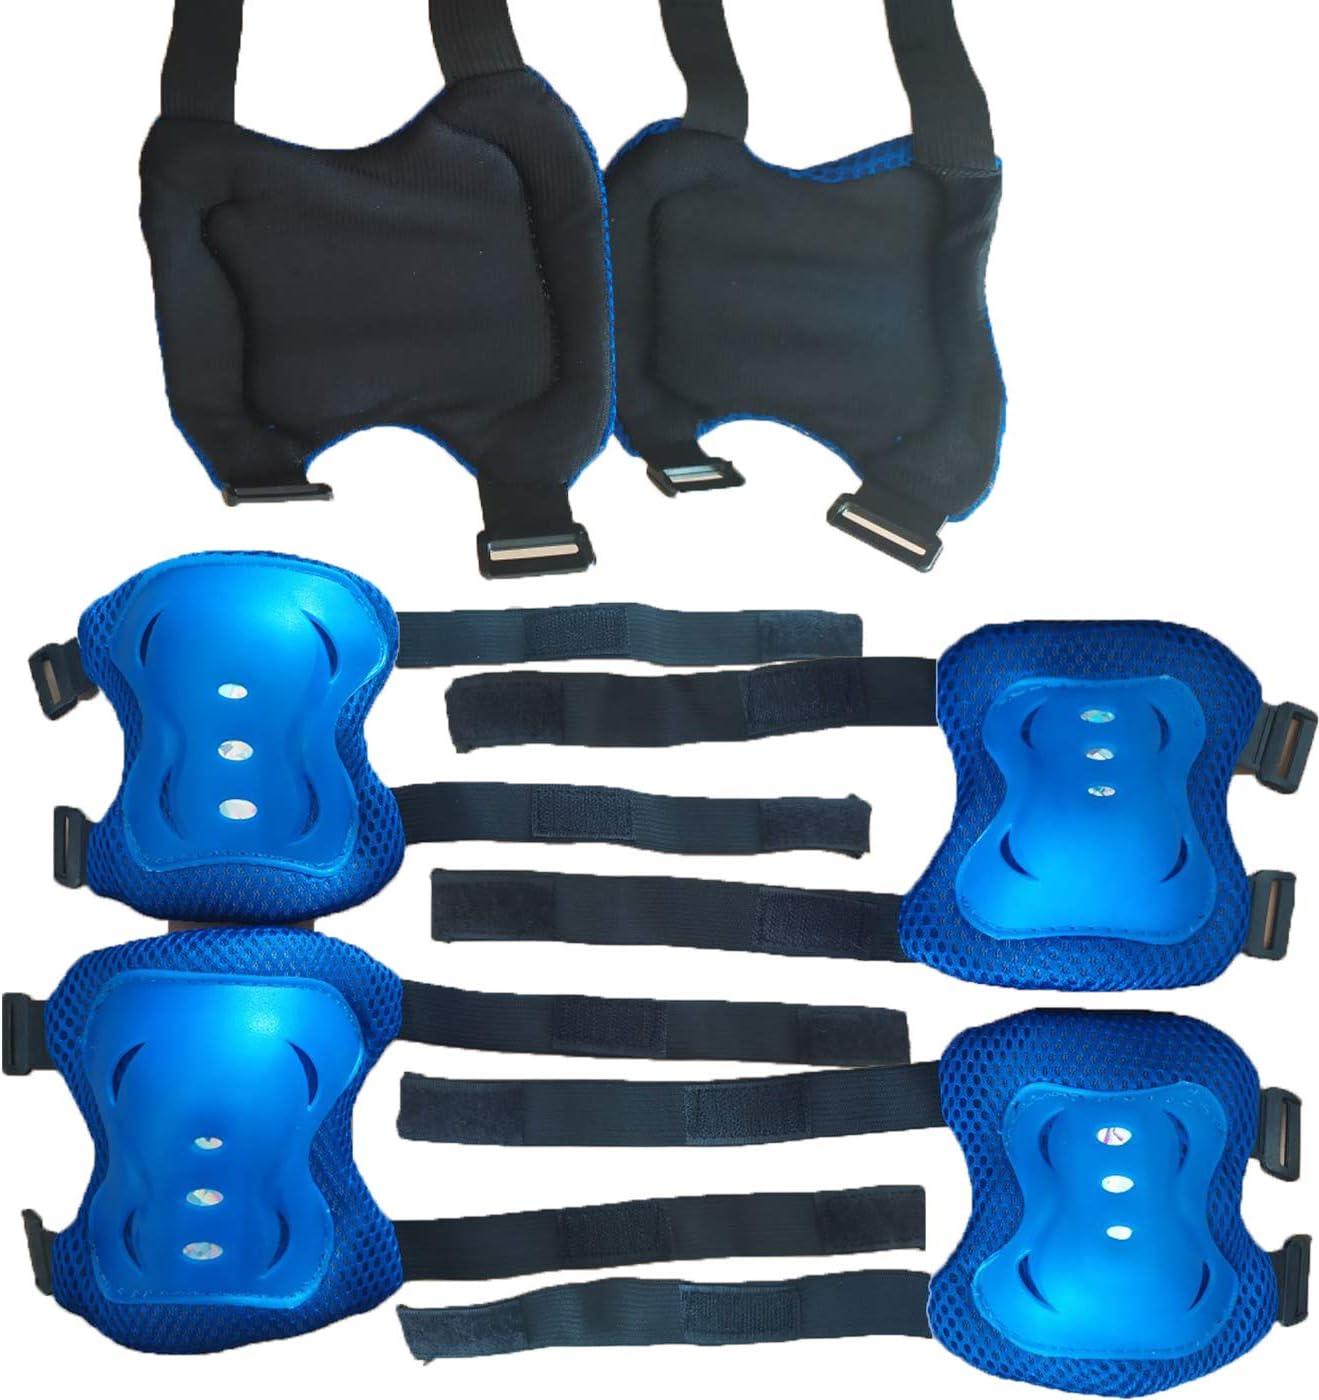 Skateboard Ice Roller Skating-Schutzausr/üstung Ellenbogenschutz Handgelenkschutz einen.Kreislauf.durchmachenreiten Kniesch/ützer for Kinder M/änner Frauen Knieschoner Kinder Set STAMONY 6pcs